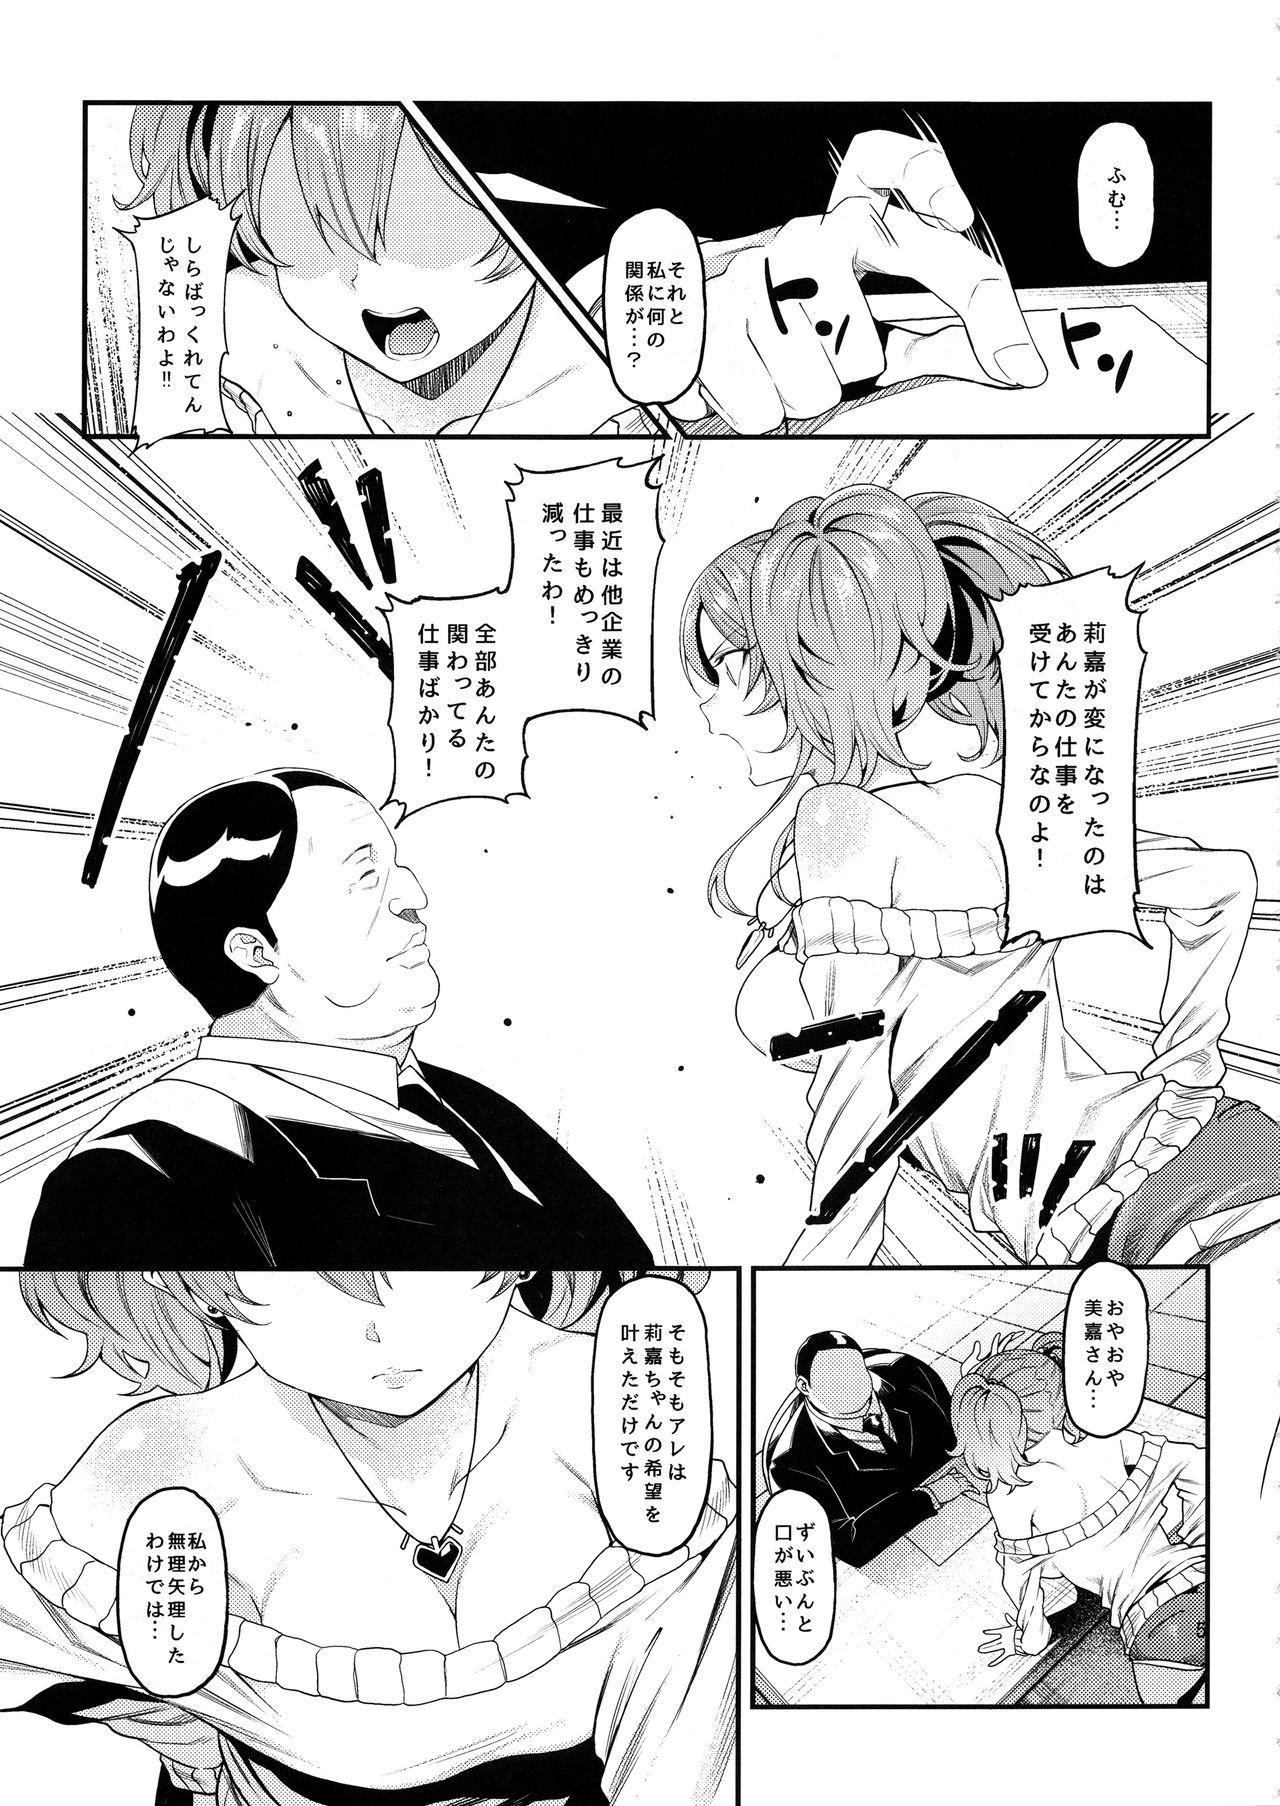 Rika, Shimai de Issho ni Mootto Otona ni Shiteageyou. 5